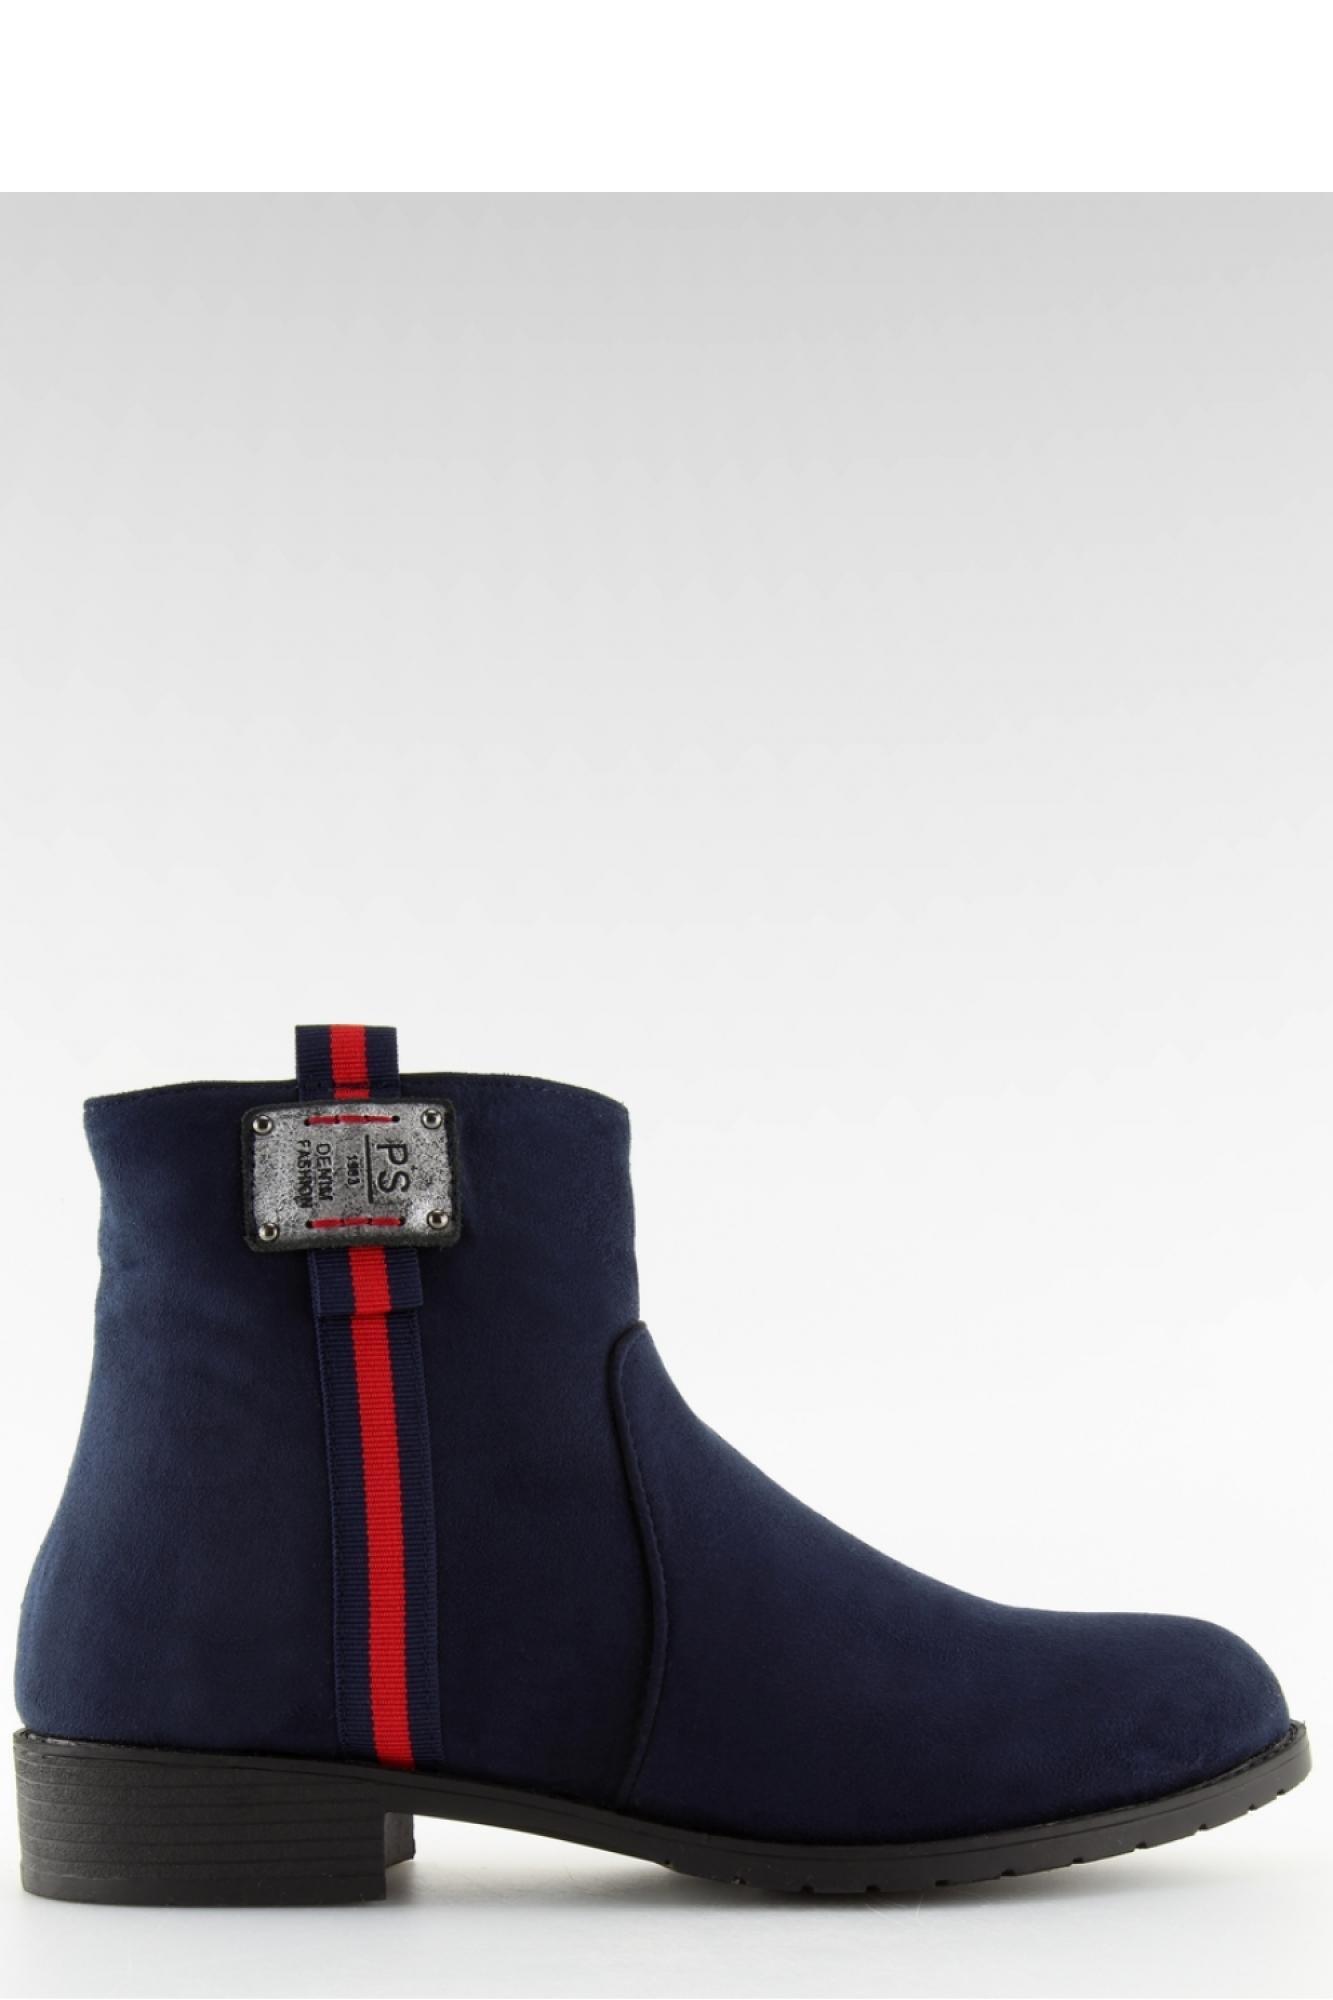 5d4f01be09fab Inello - Женская обувь ZAMSZOWE SZTYBLETY Z ĆWIEKAMI F175 GREY ...